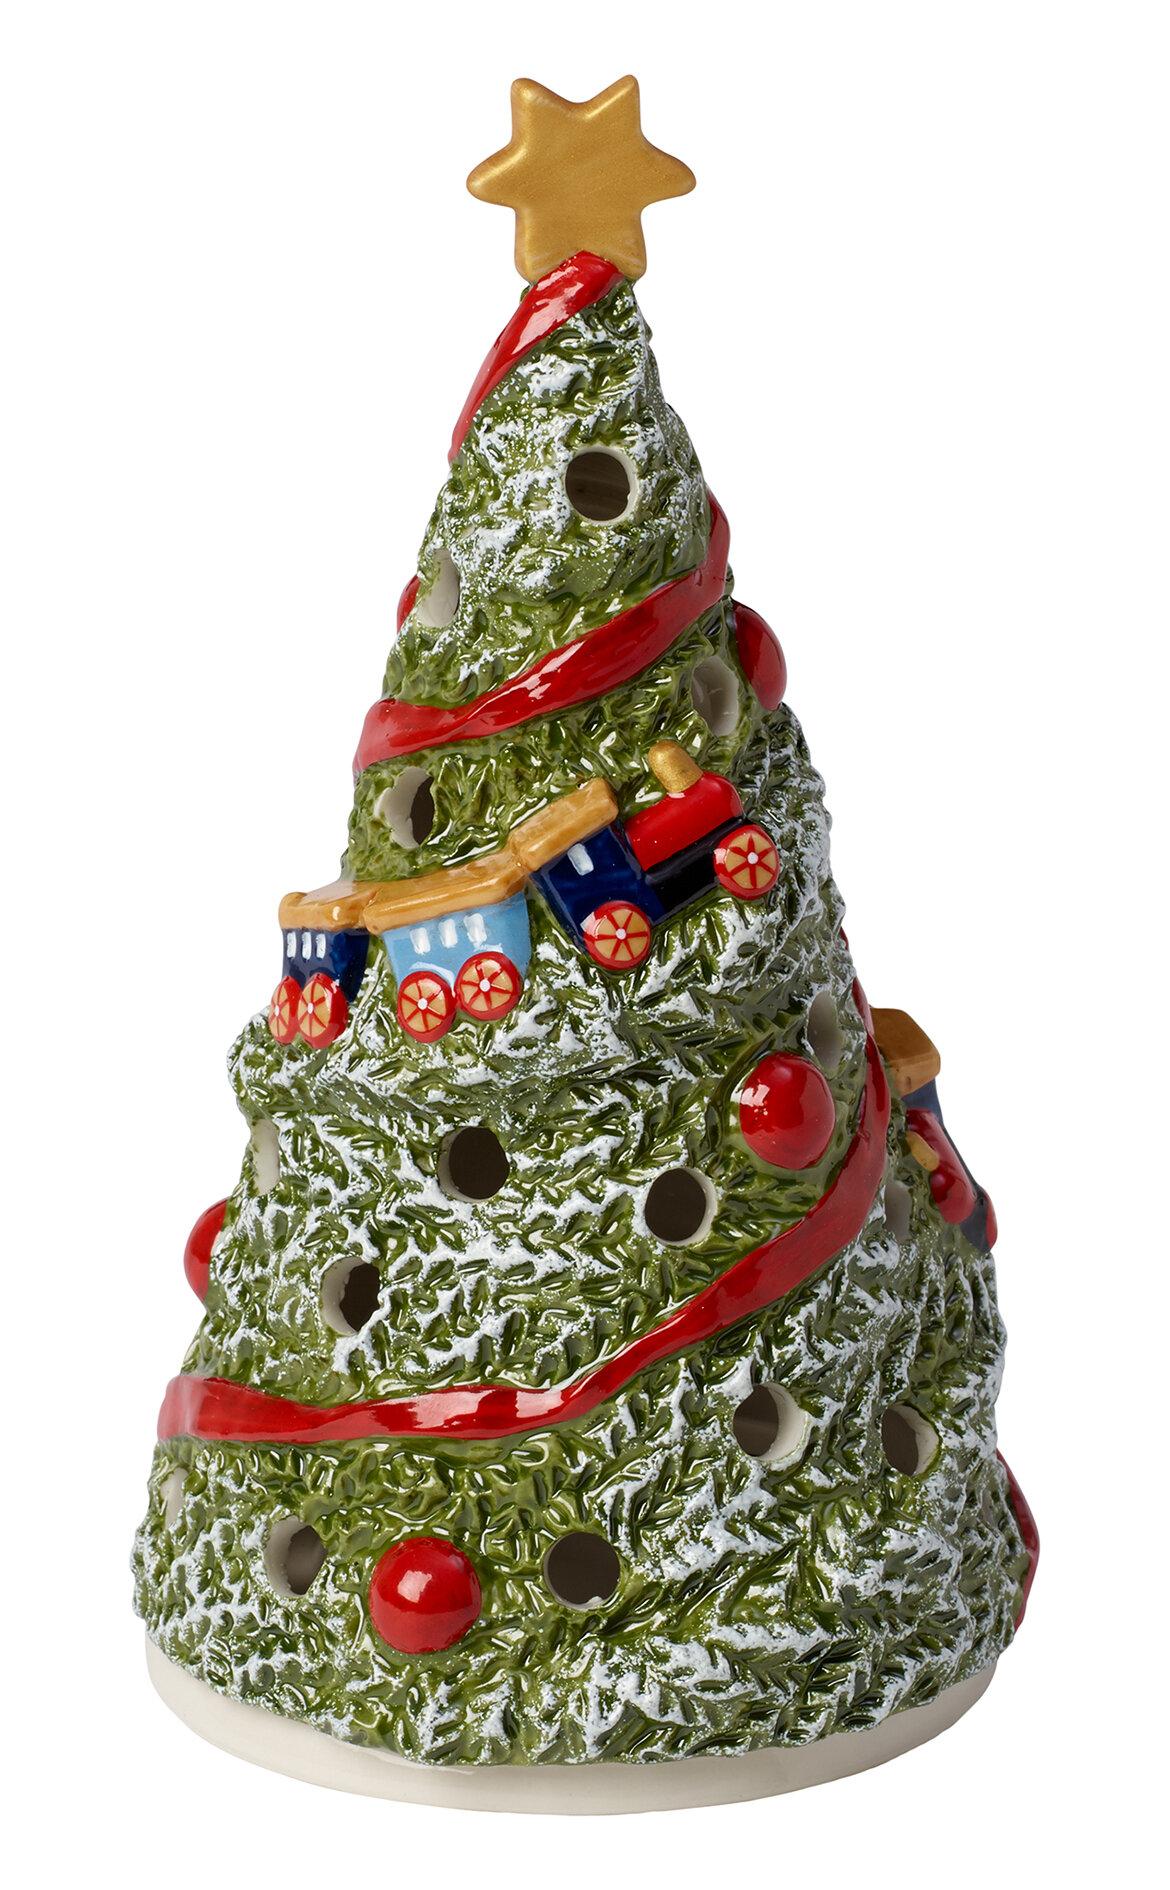 Villeroy & Boch-Villeroy & Boch Christmas Light Mumluk